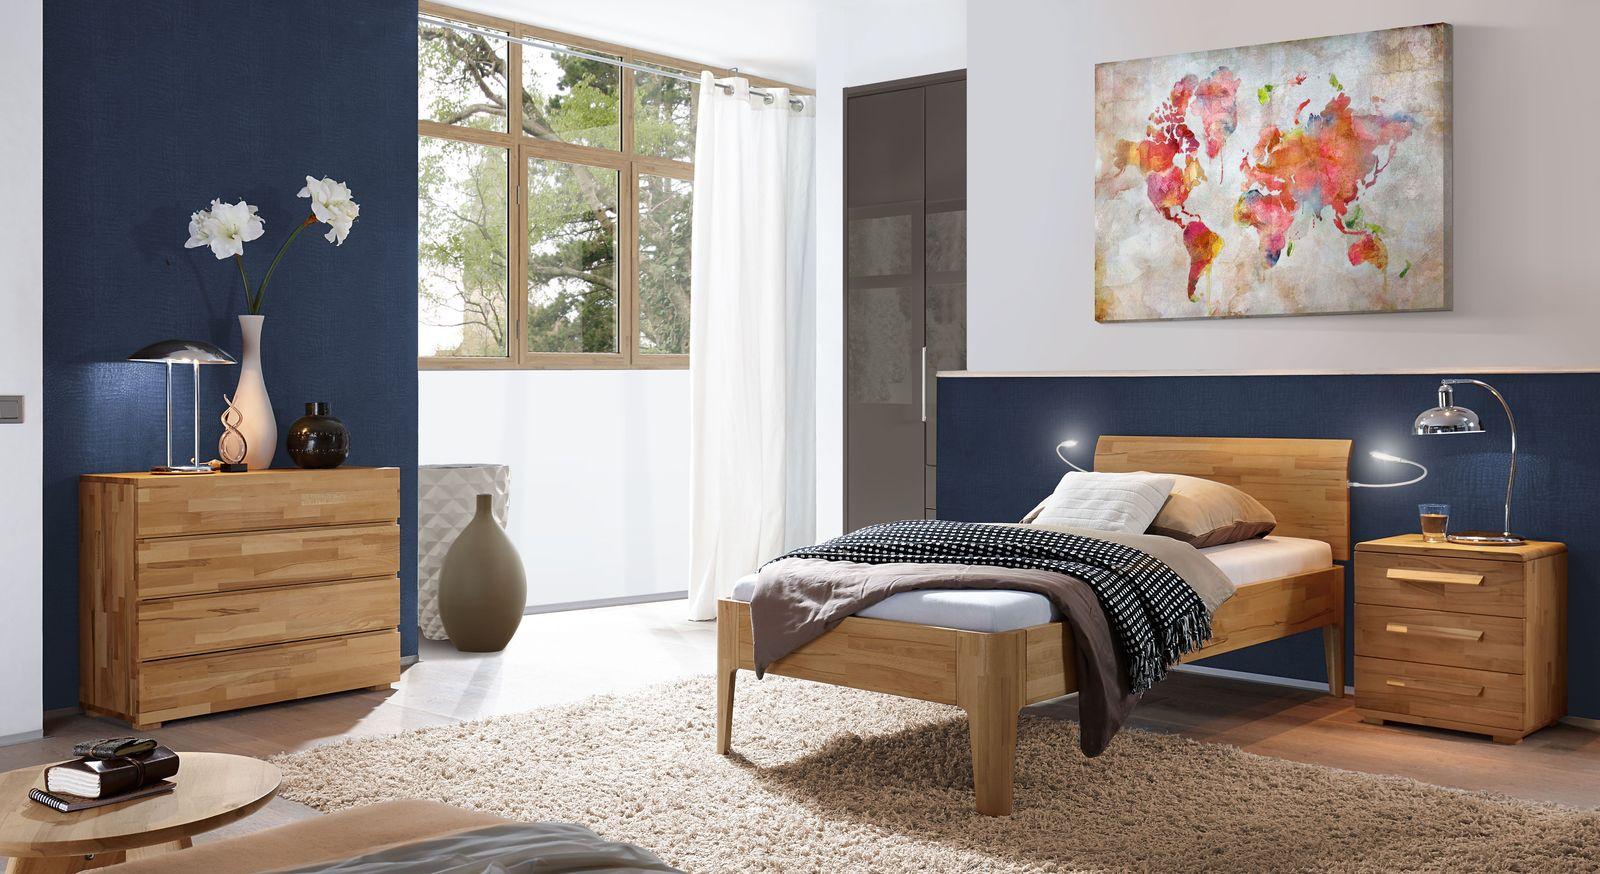 Passende Produkte zum Komfort-Einzelbett Baleira